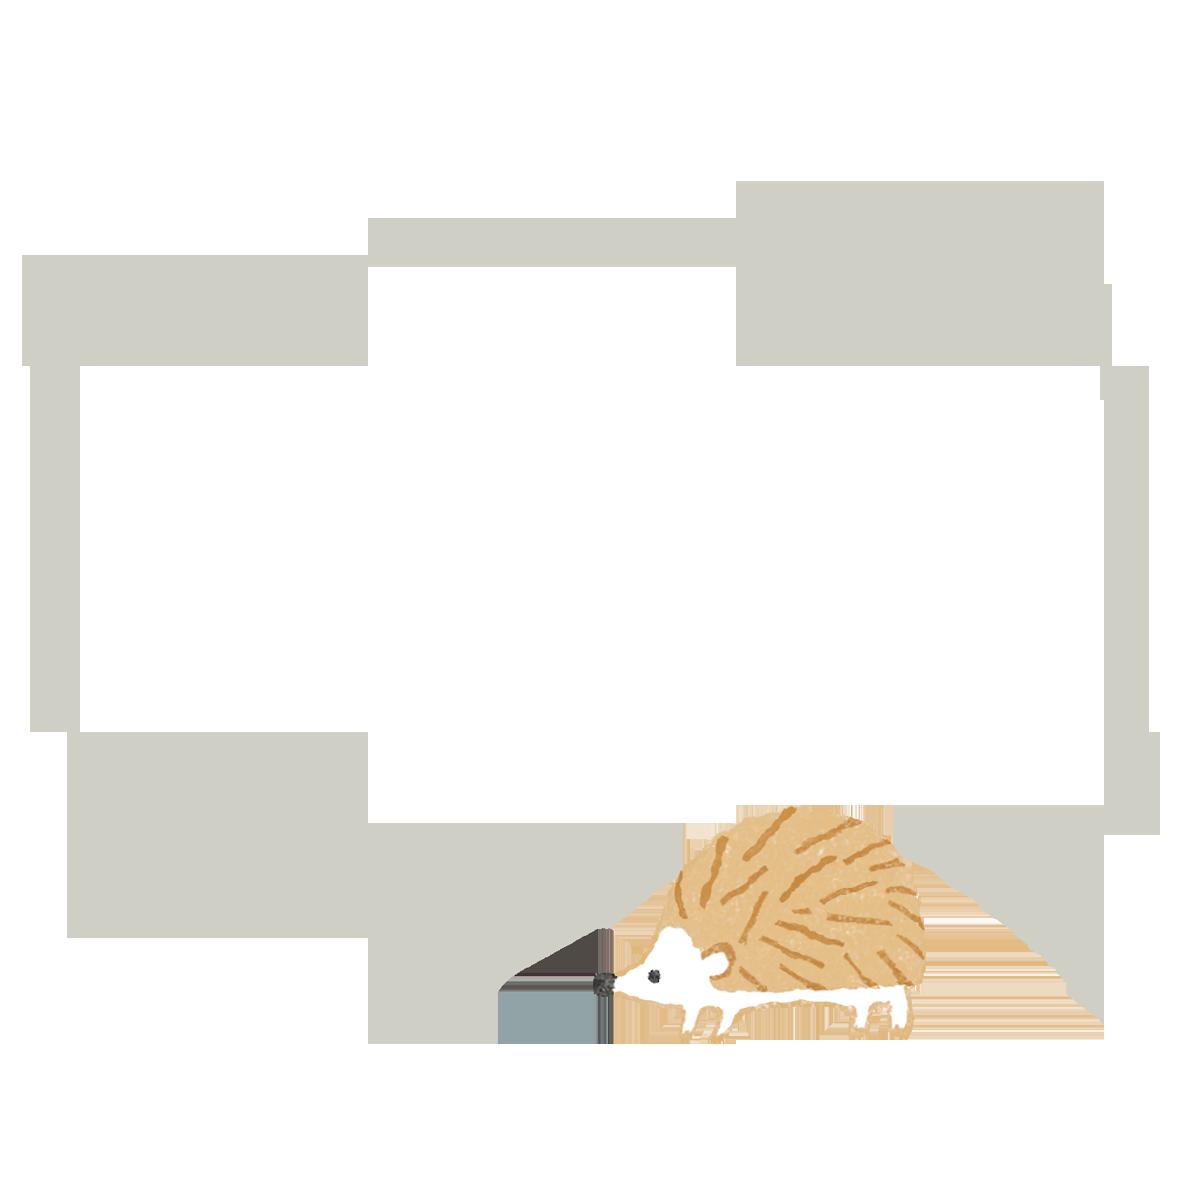 商用利用もOKな無料イラストサイト【フリー素材ずーあん】の名刺を入れるのに丁度いいハリネズミのイラスト付フレーム